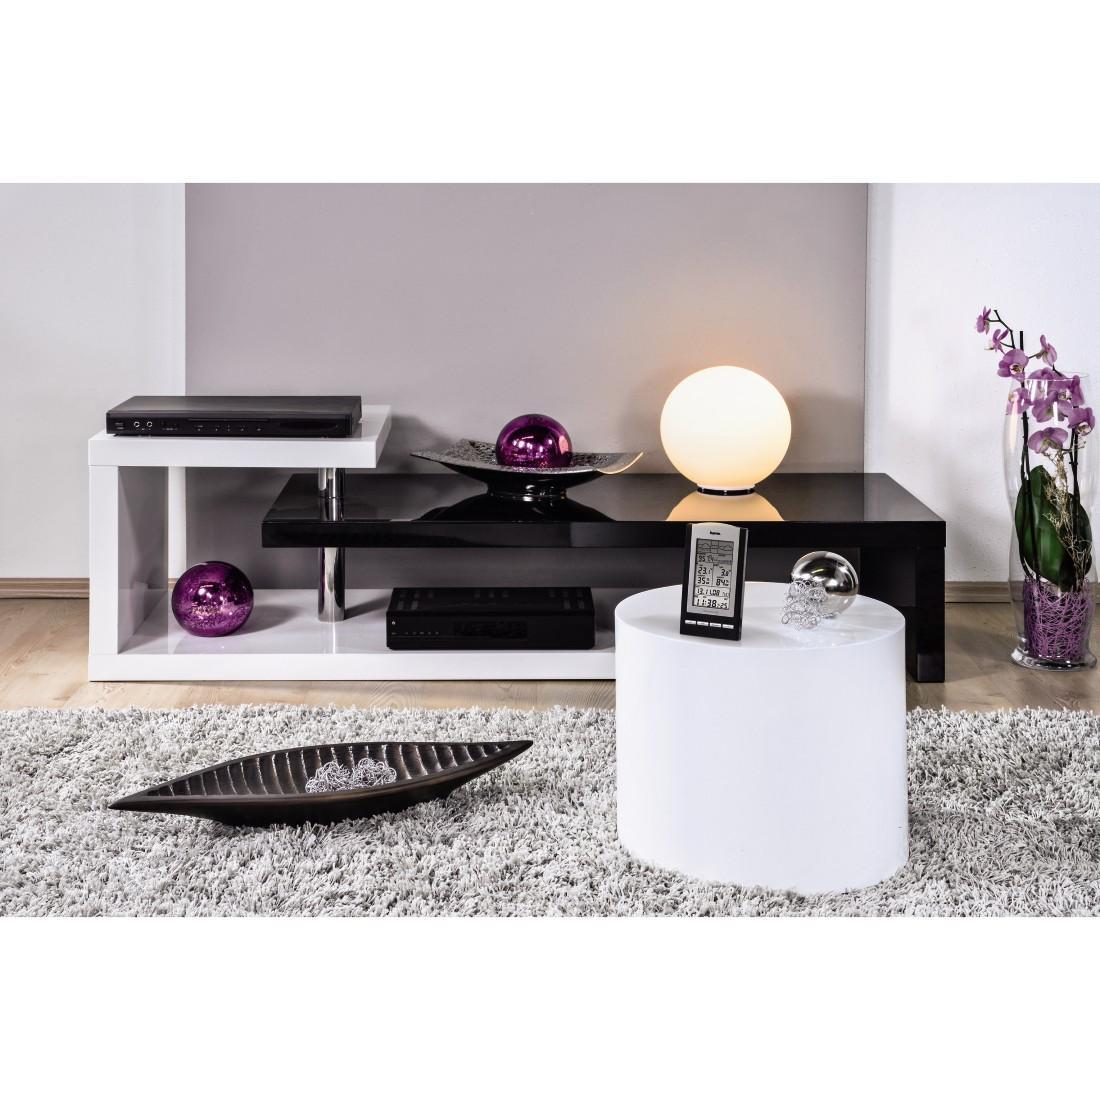 hama funk wetterstation ews 800 funkuhr thermometer hygrometer und barometer inkl. Black Bedroom Furniture Sets. Home Design Ideas